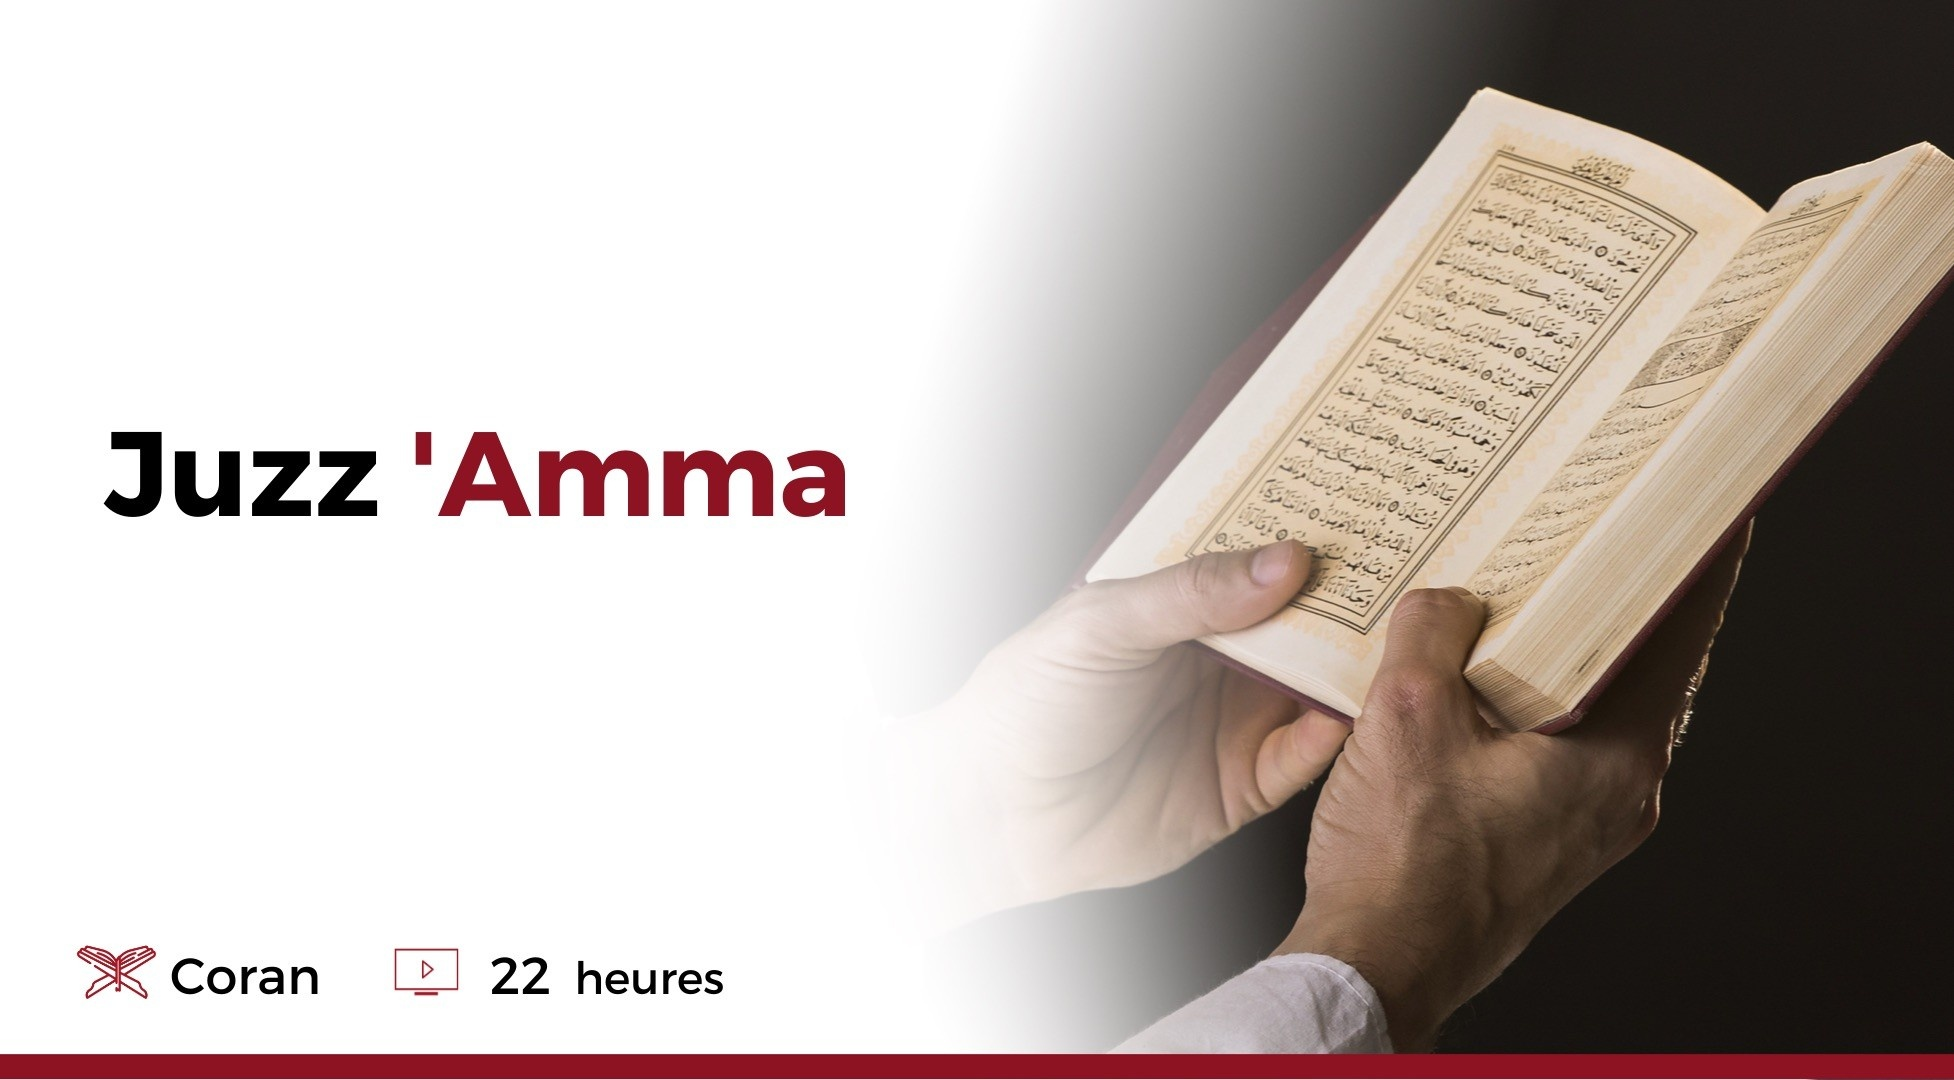 Juzz 'Amma